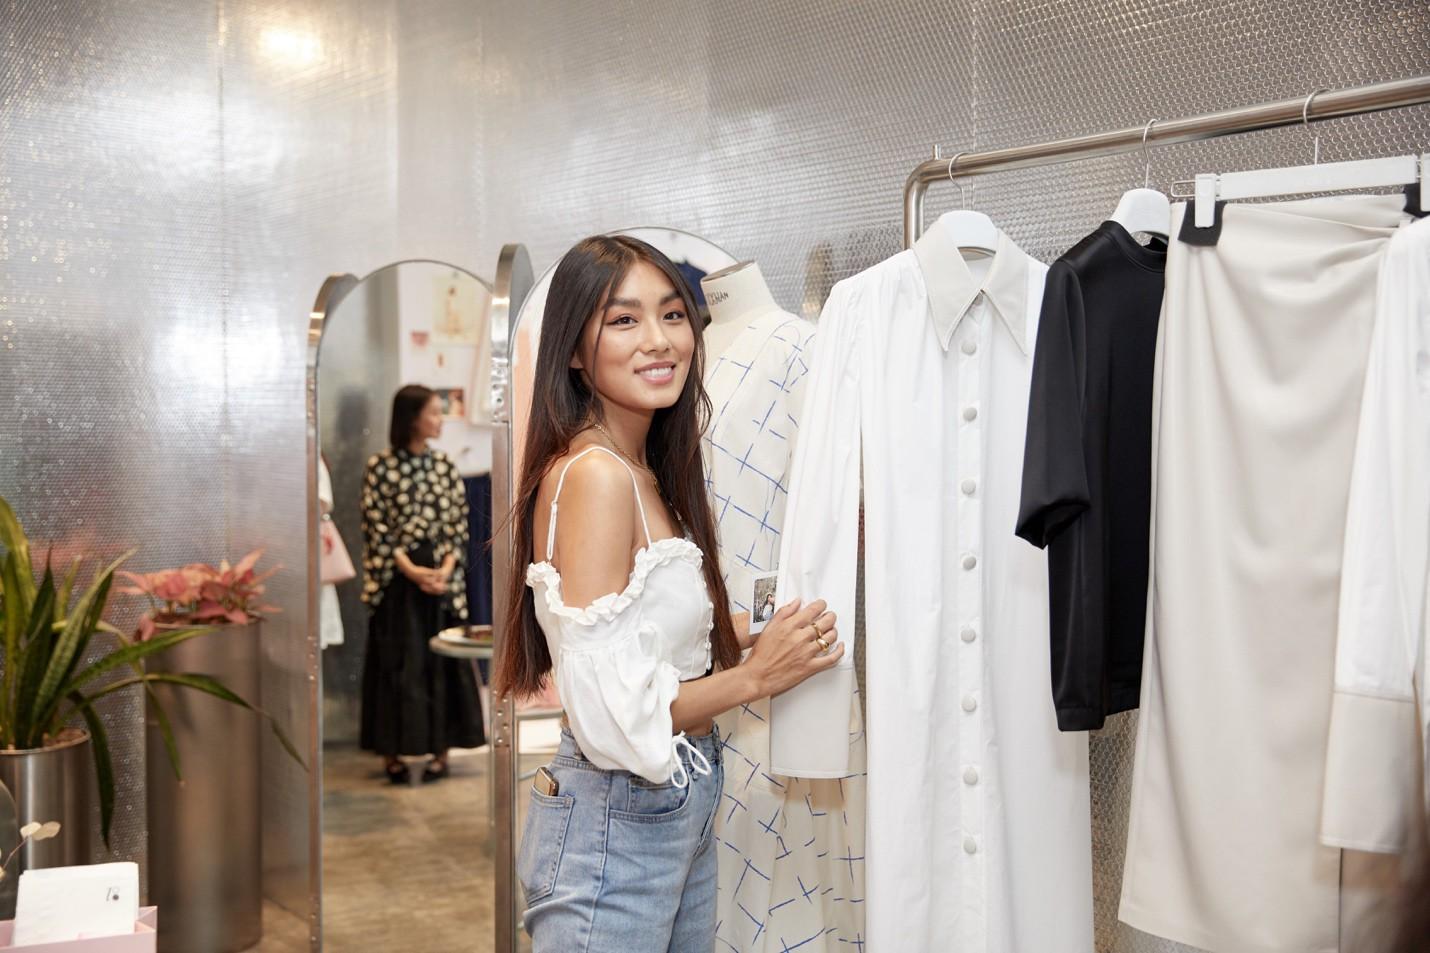 Một chiếc áo phông cotton tốn 2.700 lít nước – Đã đến lúc các cô gái hướng đến thời trang bền vững - Ảnh 7.